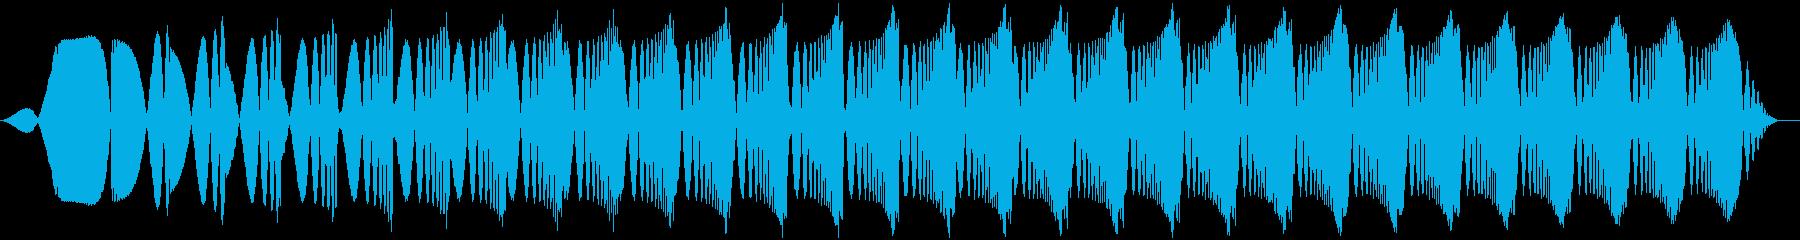 ピロピロピロ(超音波/高音/レーザーの再生済みの波形